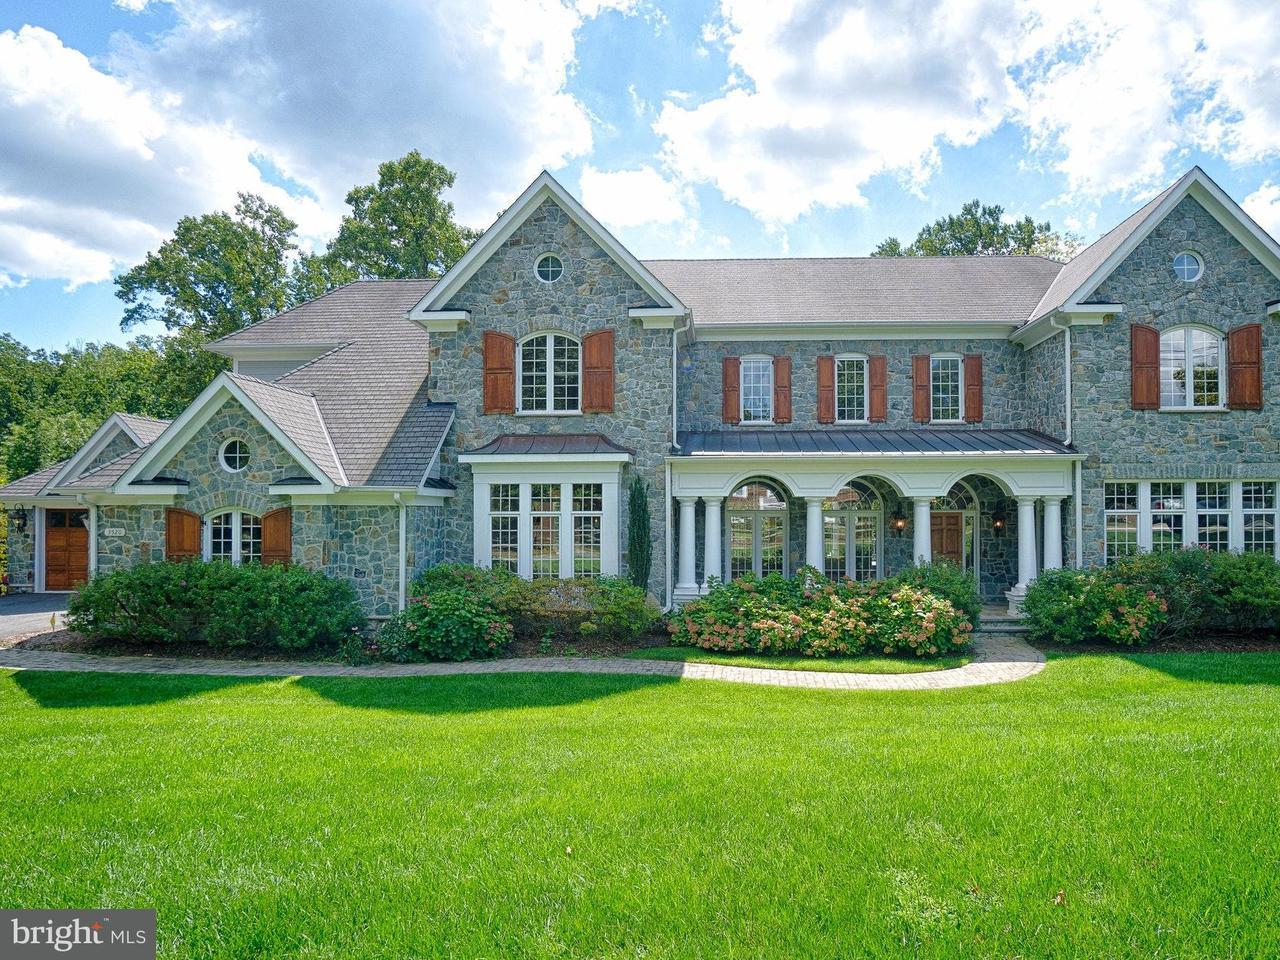 Частный односемейный дом для того Продажа на 3520 ROBERTS Lane 3520 ROBERTS Lane Arlington, Виргиния 22207 Соединенные Штаты